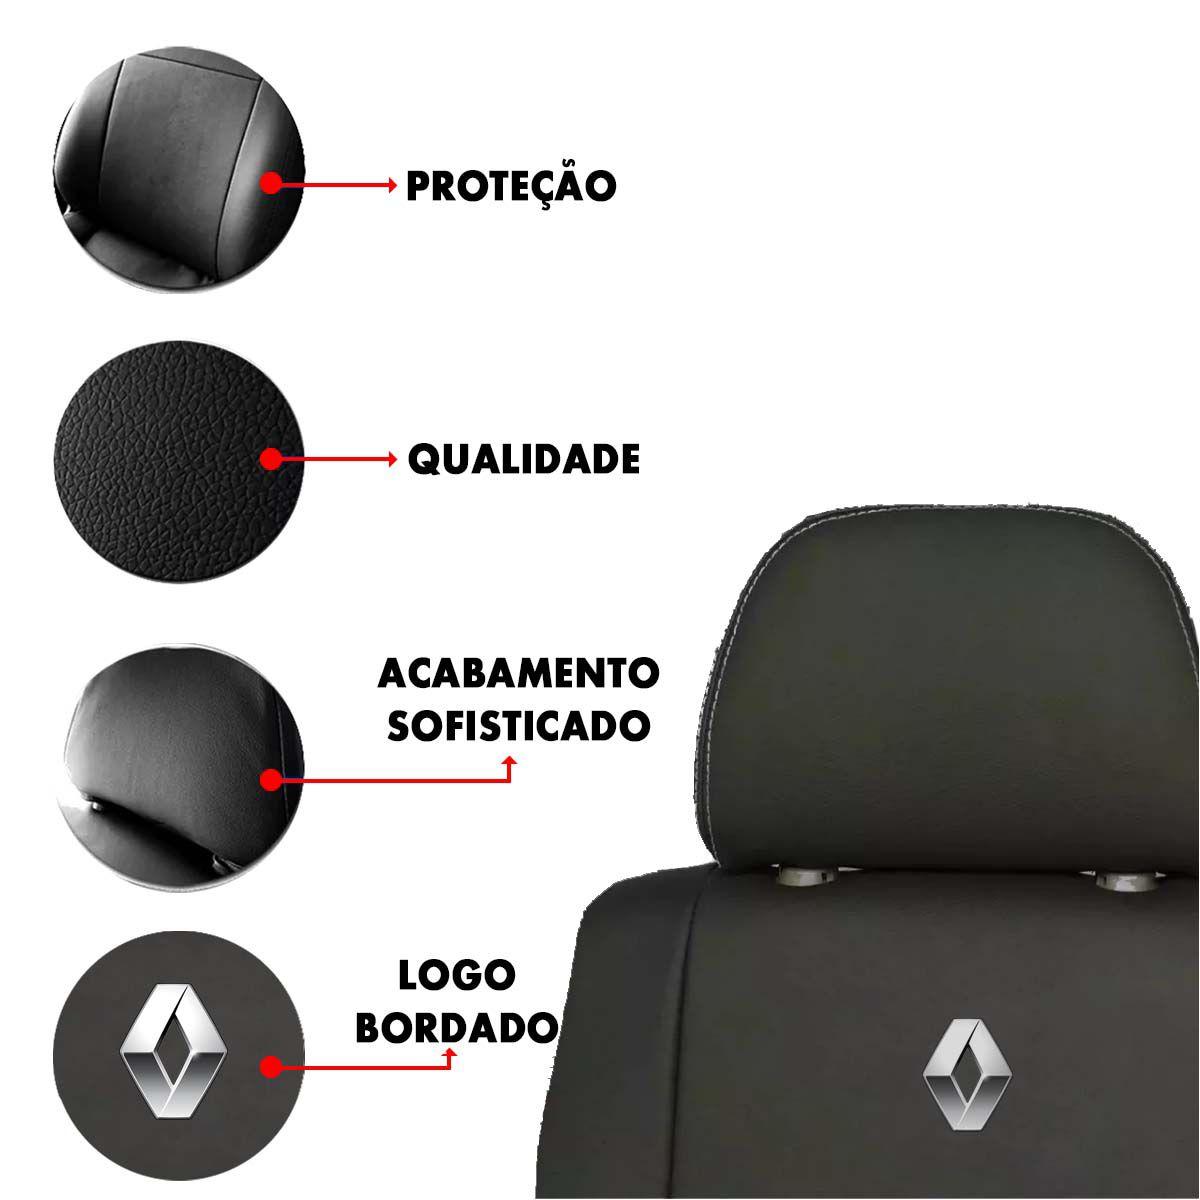 Capa de Banco Renault Renault Sandero Logan Clio Couro Sintetico Bordado Poliparts